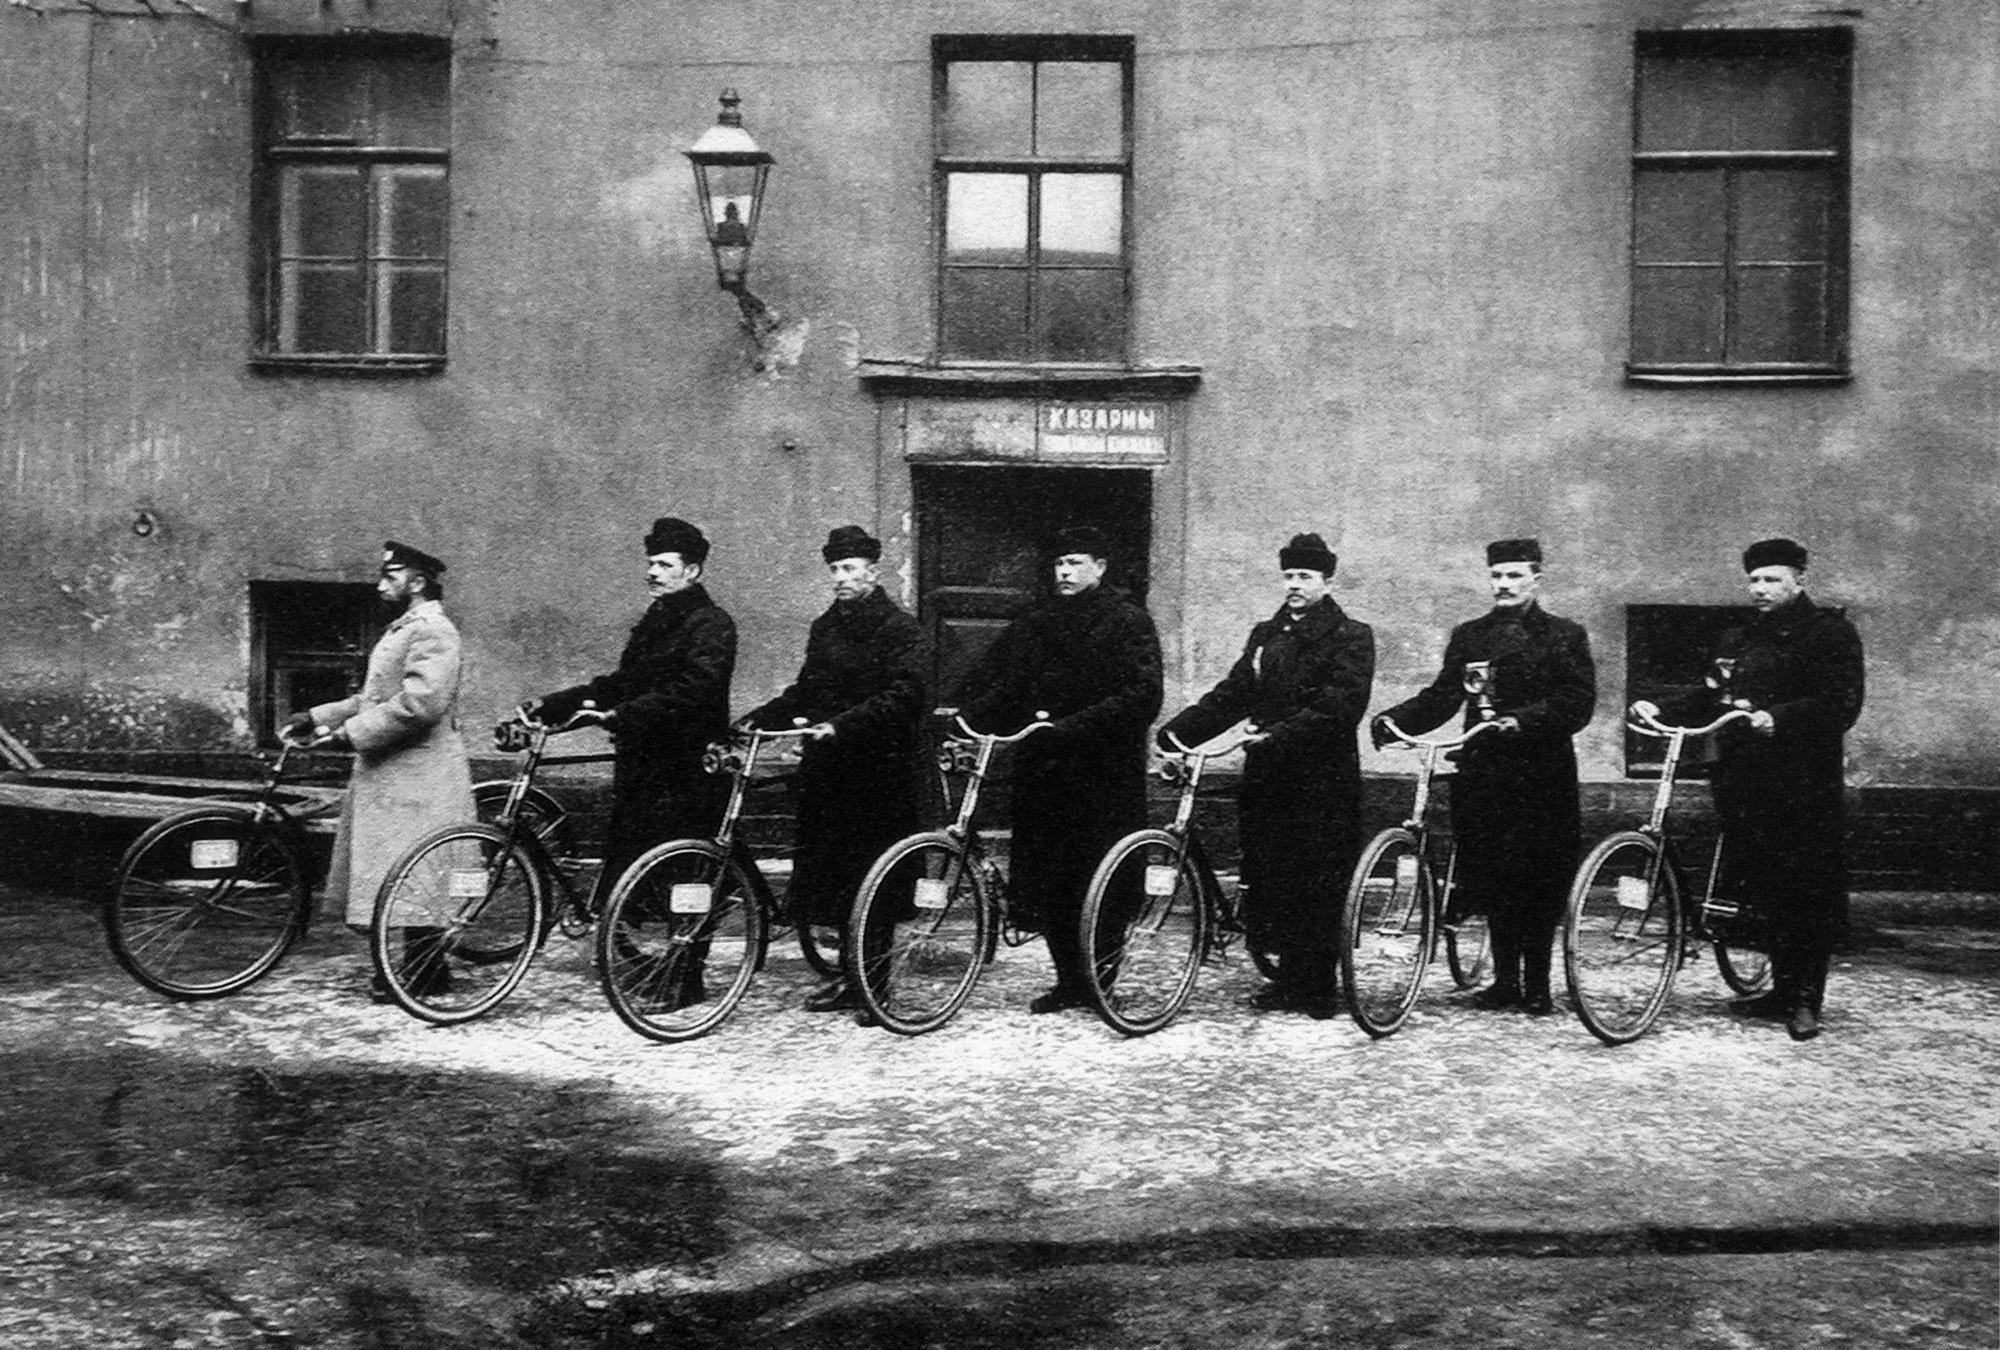 Nepoznati autor: Ekipa policijskih biciklista, 1901.